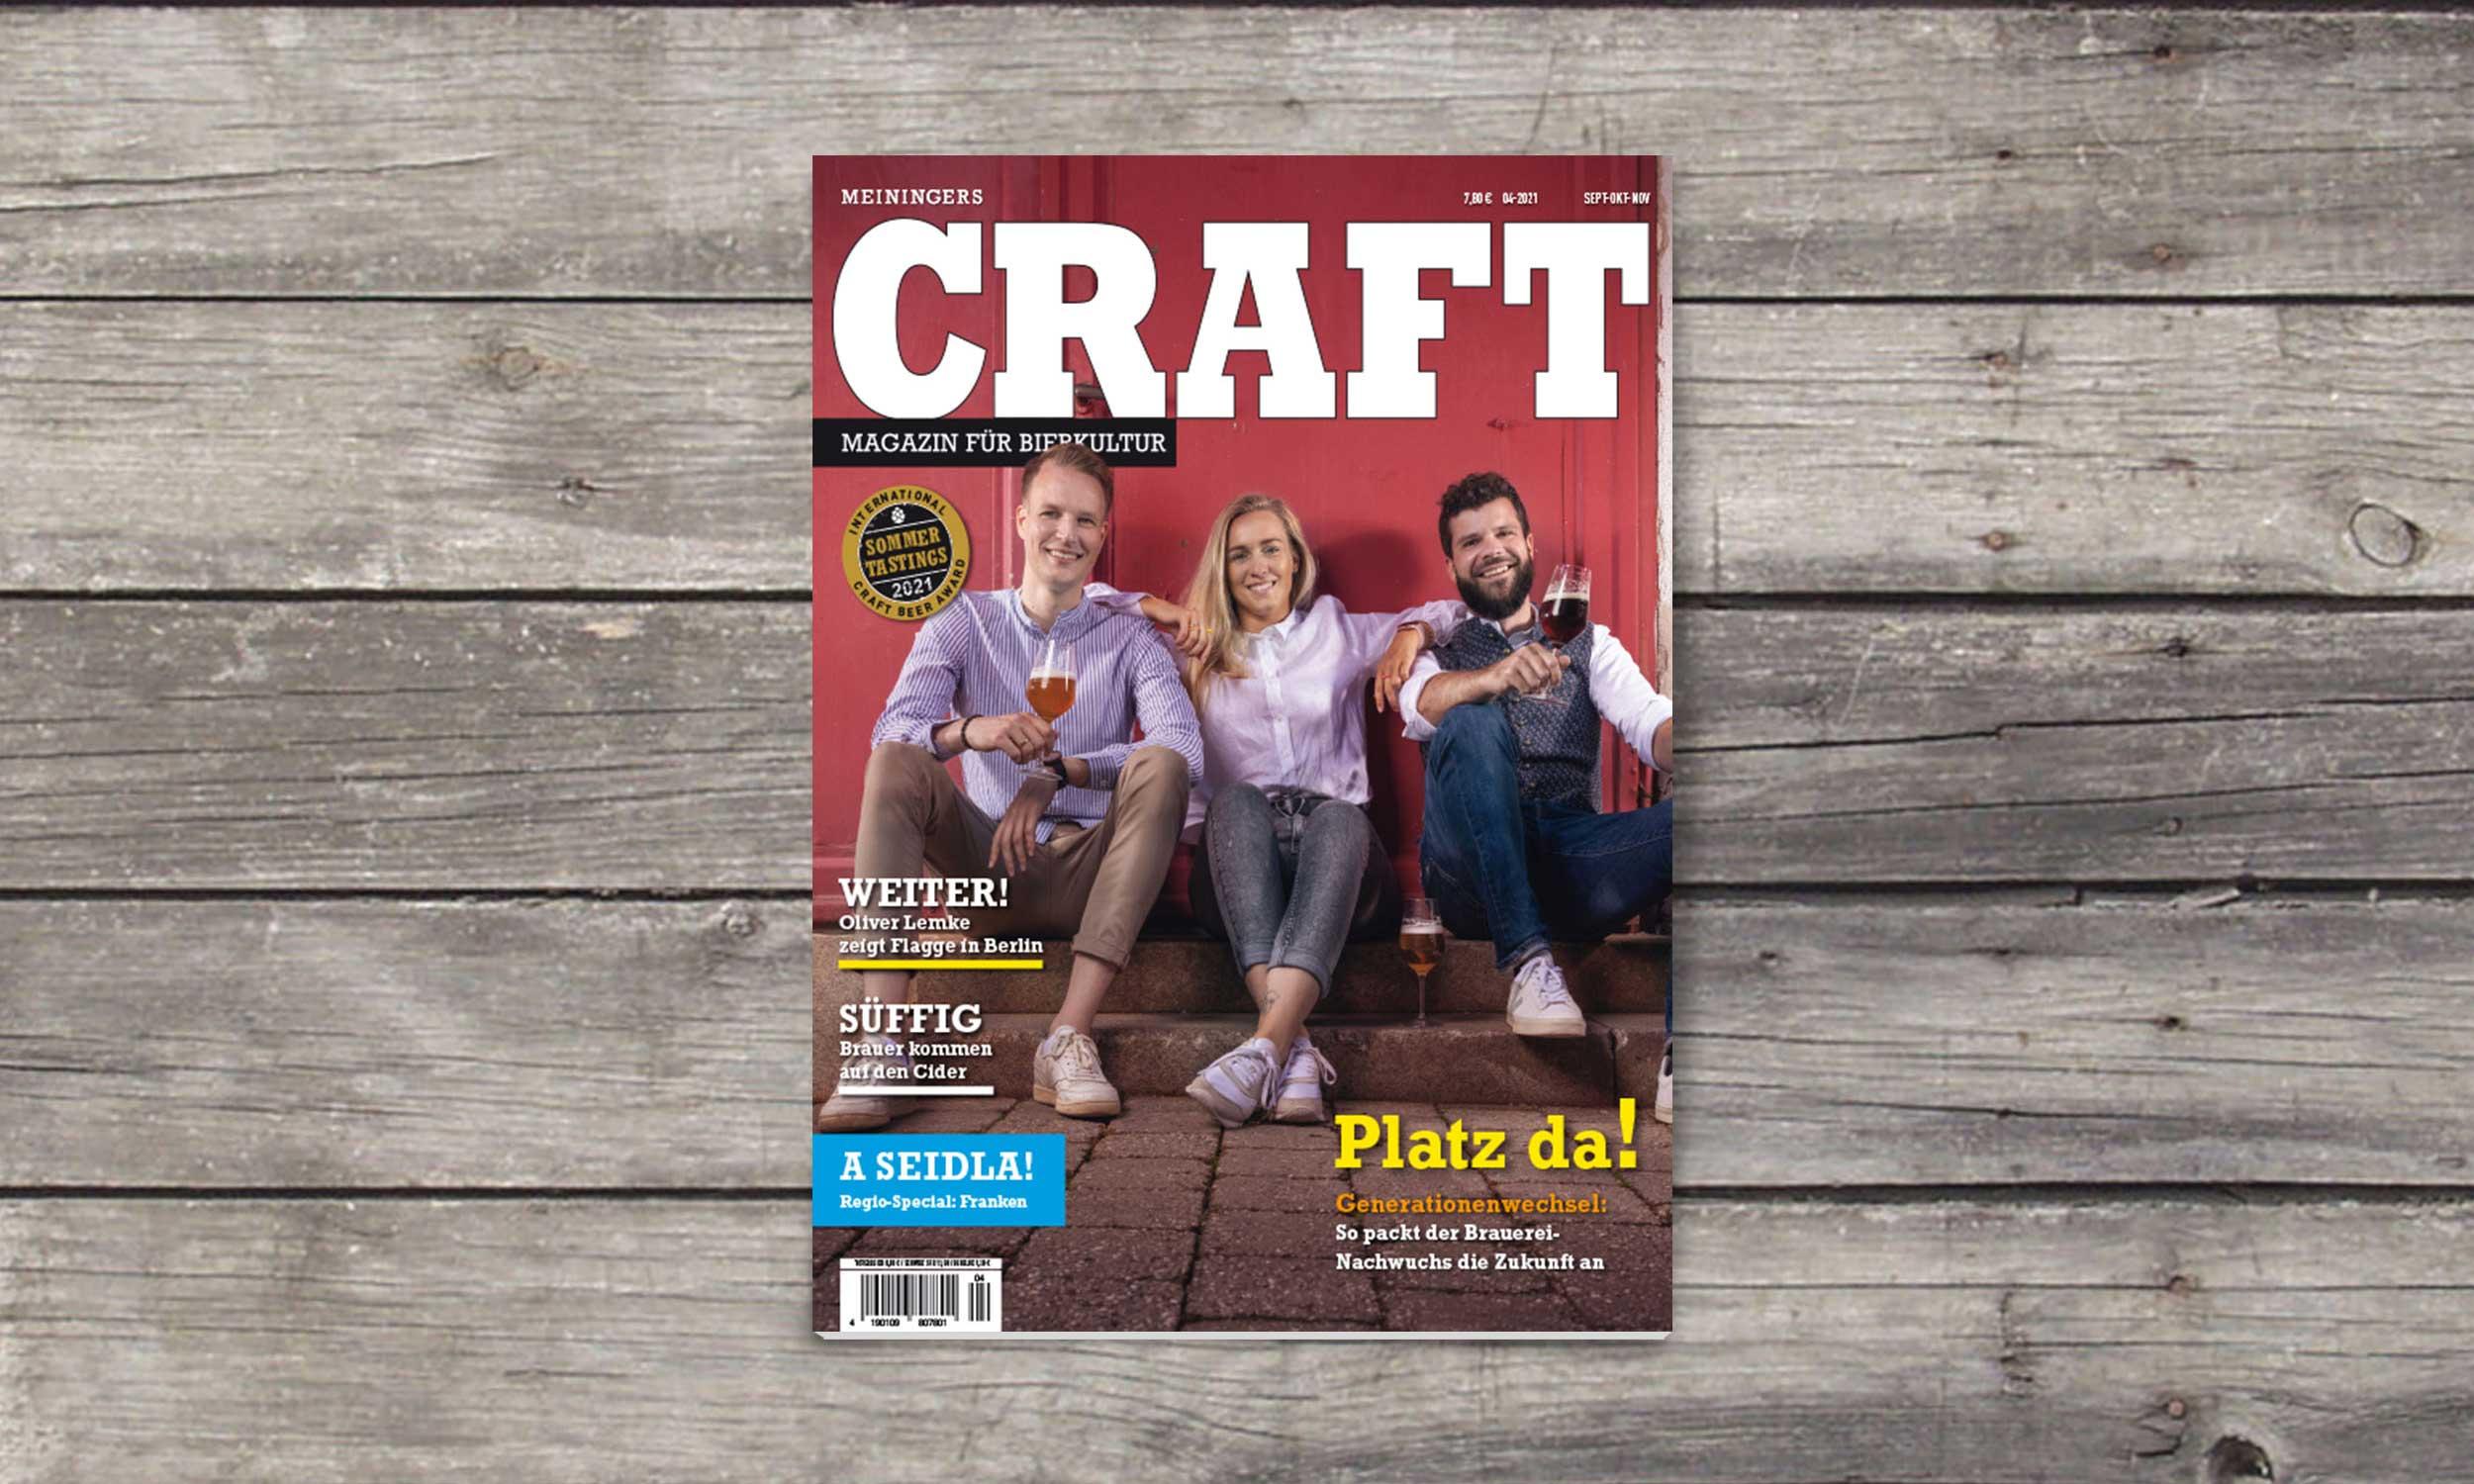 CRAFT –Magazin für Bierkultur | MEININGER VERLAG GmbH | Design